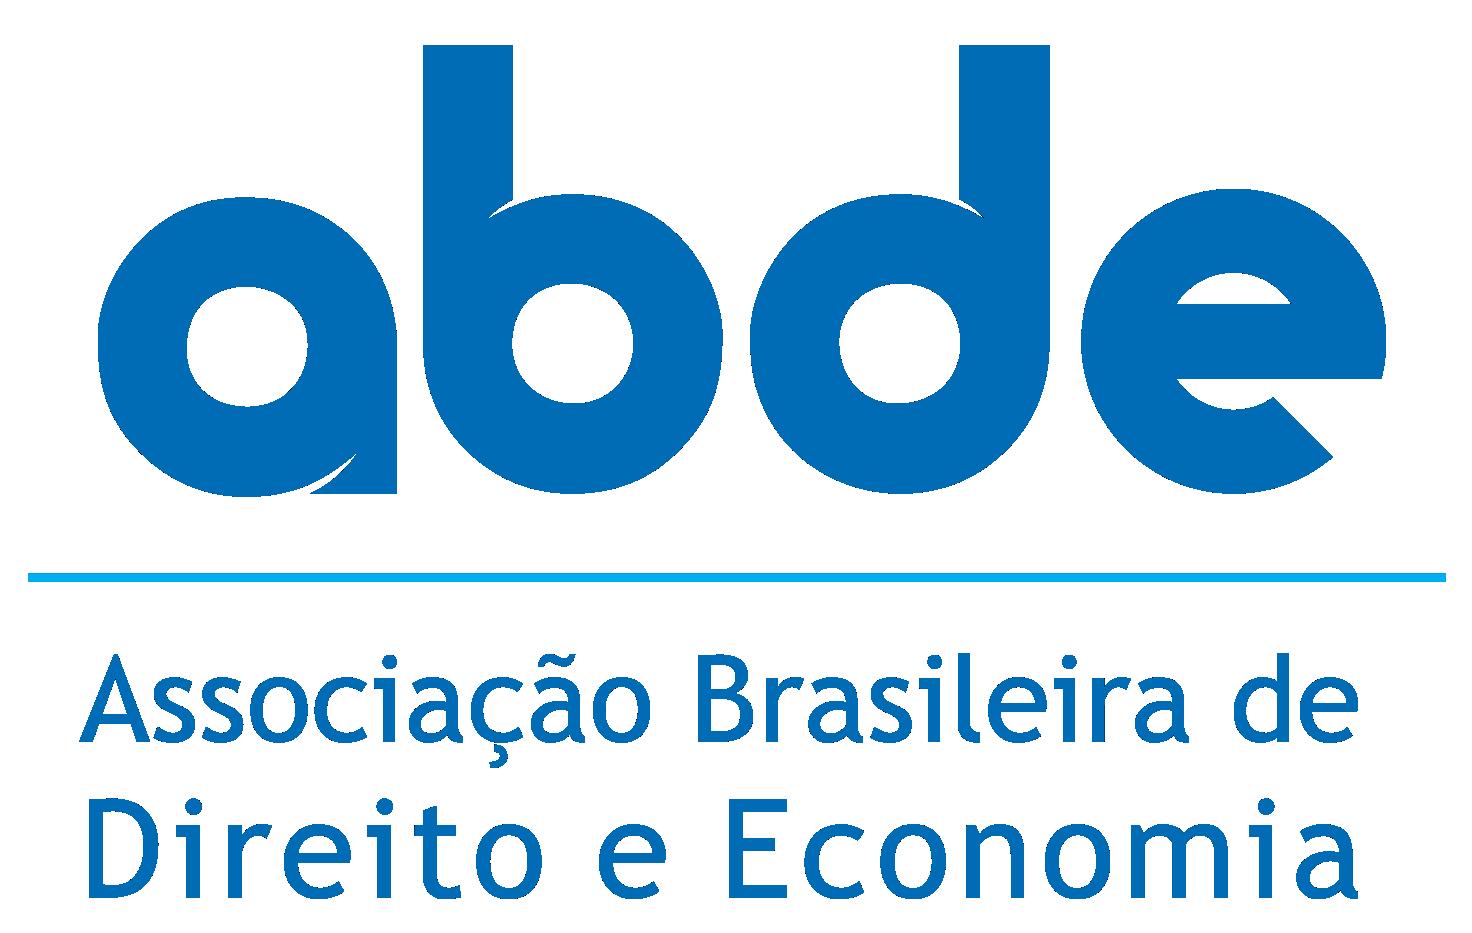 Associação Brasileira de Direito e Economia